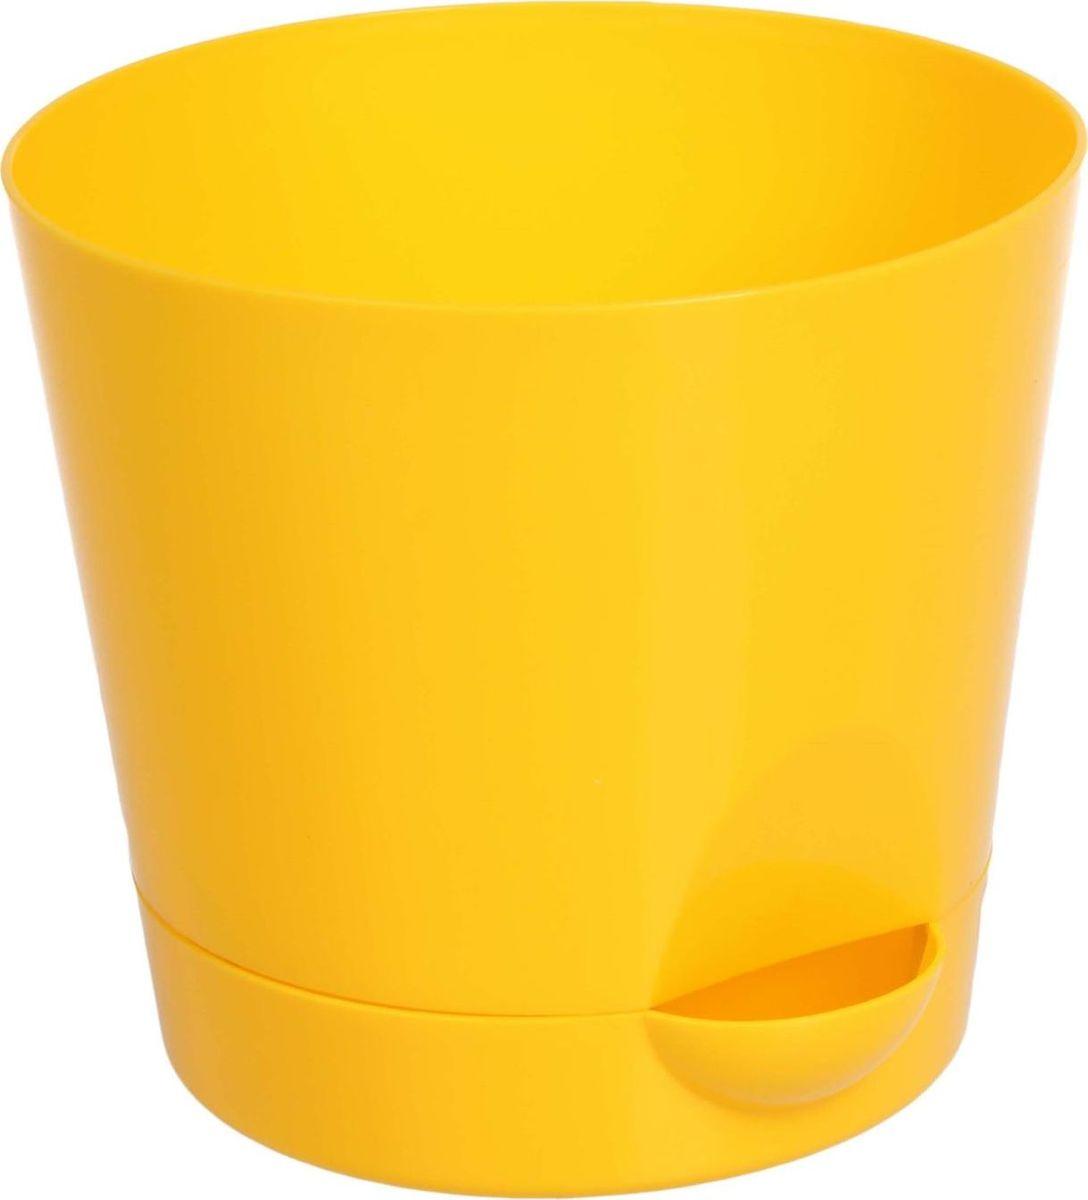 Кашпо Idea Ника, с прикорневым поливом, с поддоном, цвет: желтый, 1,6 л531-105Кашпо Idea Ника изготовлено из высококачественного полипропилена (пластика). В комплект входит поддон со специальной выемкой, благодаря которому имеется возможность прикорневого полива. Изделие подходит для выращивания растений и цветов в домашних условиях. Стильная яркая картинка сделает такое кашпо прекрасным дополнением интерьера. Объем горшка: 1,6 л. Диаметр горшка (по верхнему краю): 15 см. Высота горшка: 13,5 см. Диаметр подставки: 12,5 см.